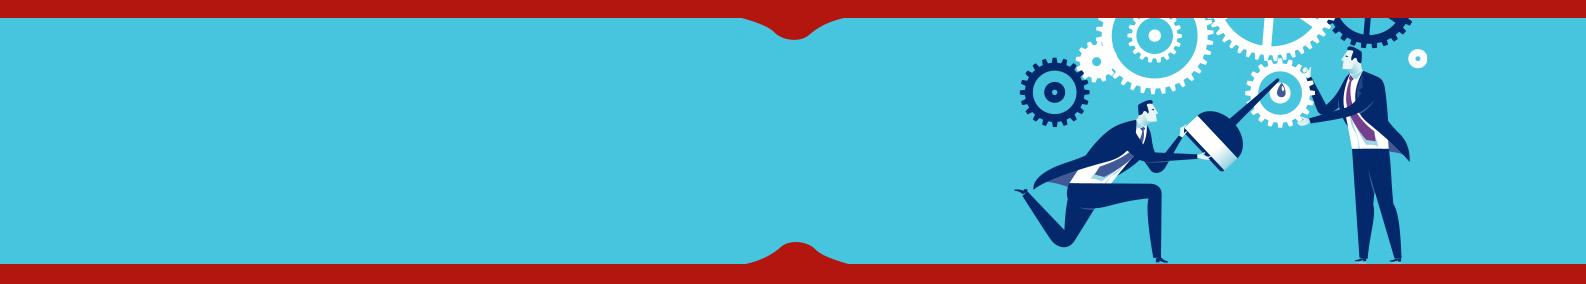 bandeau-secteur-activite